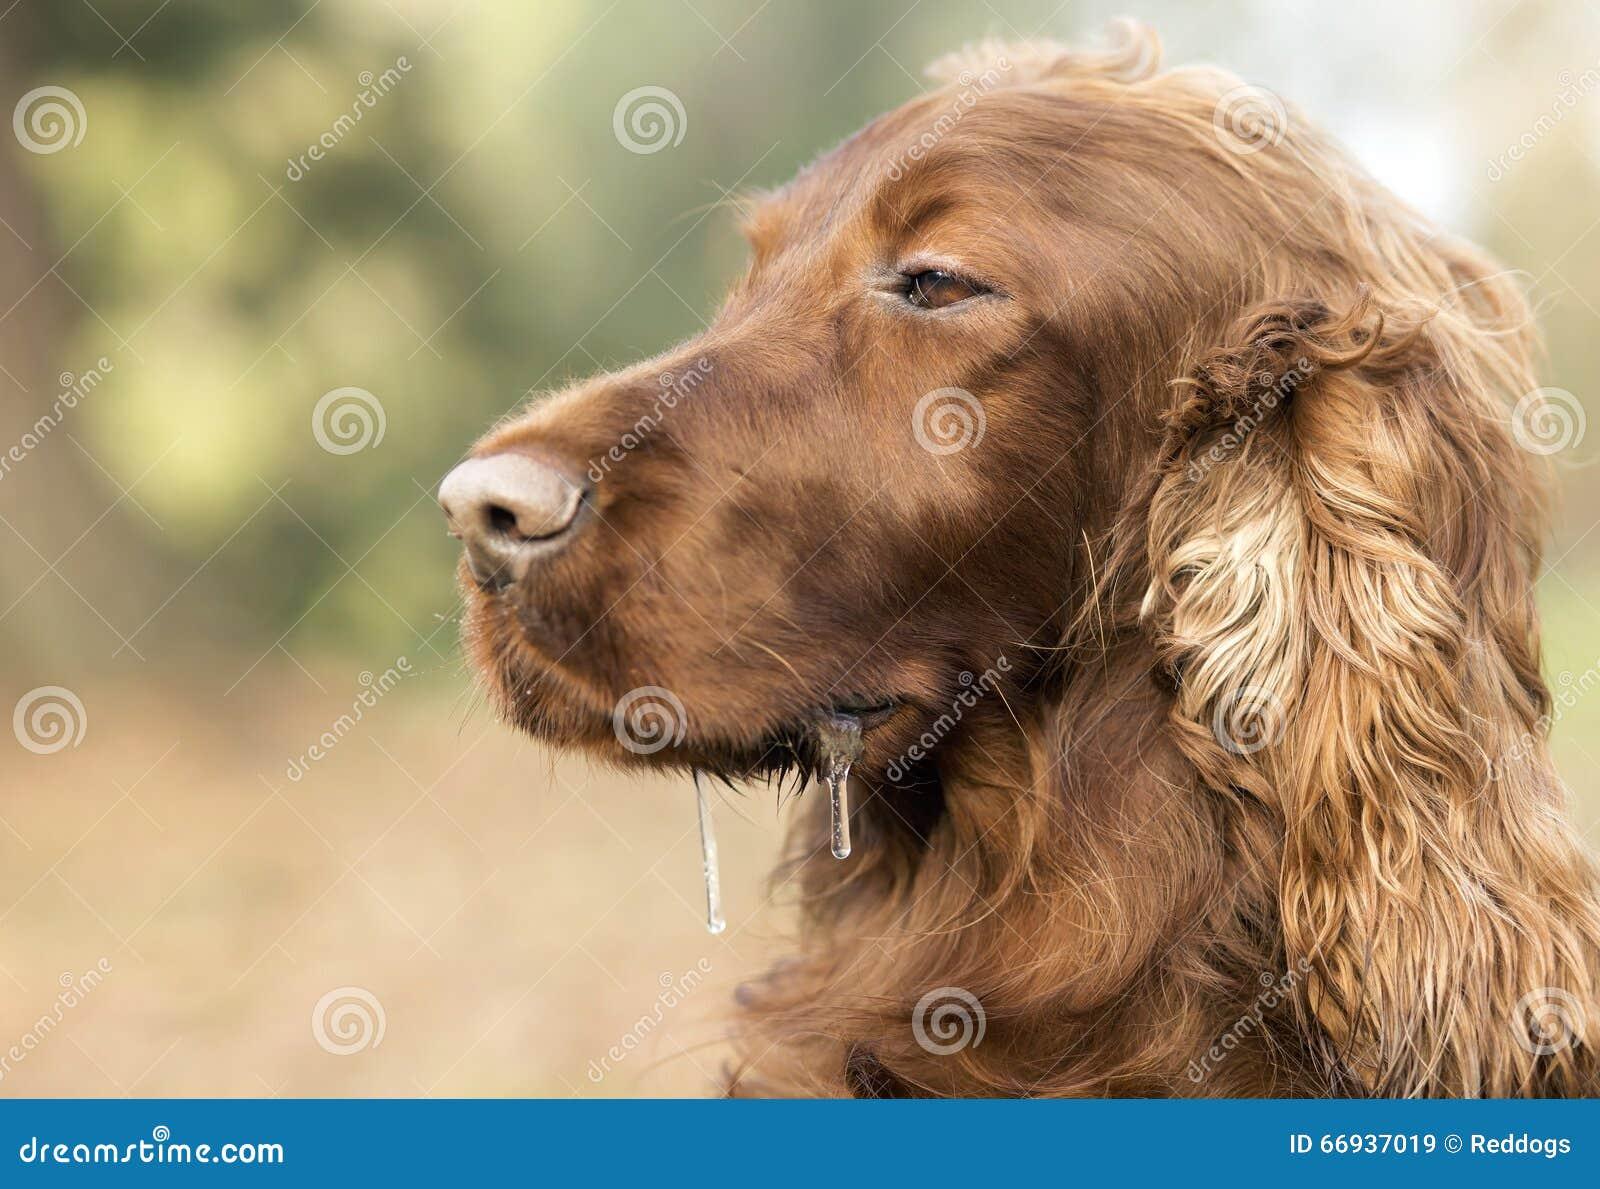 流口水的困爱尔兰人的特定装置狗画象.图片